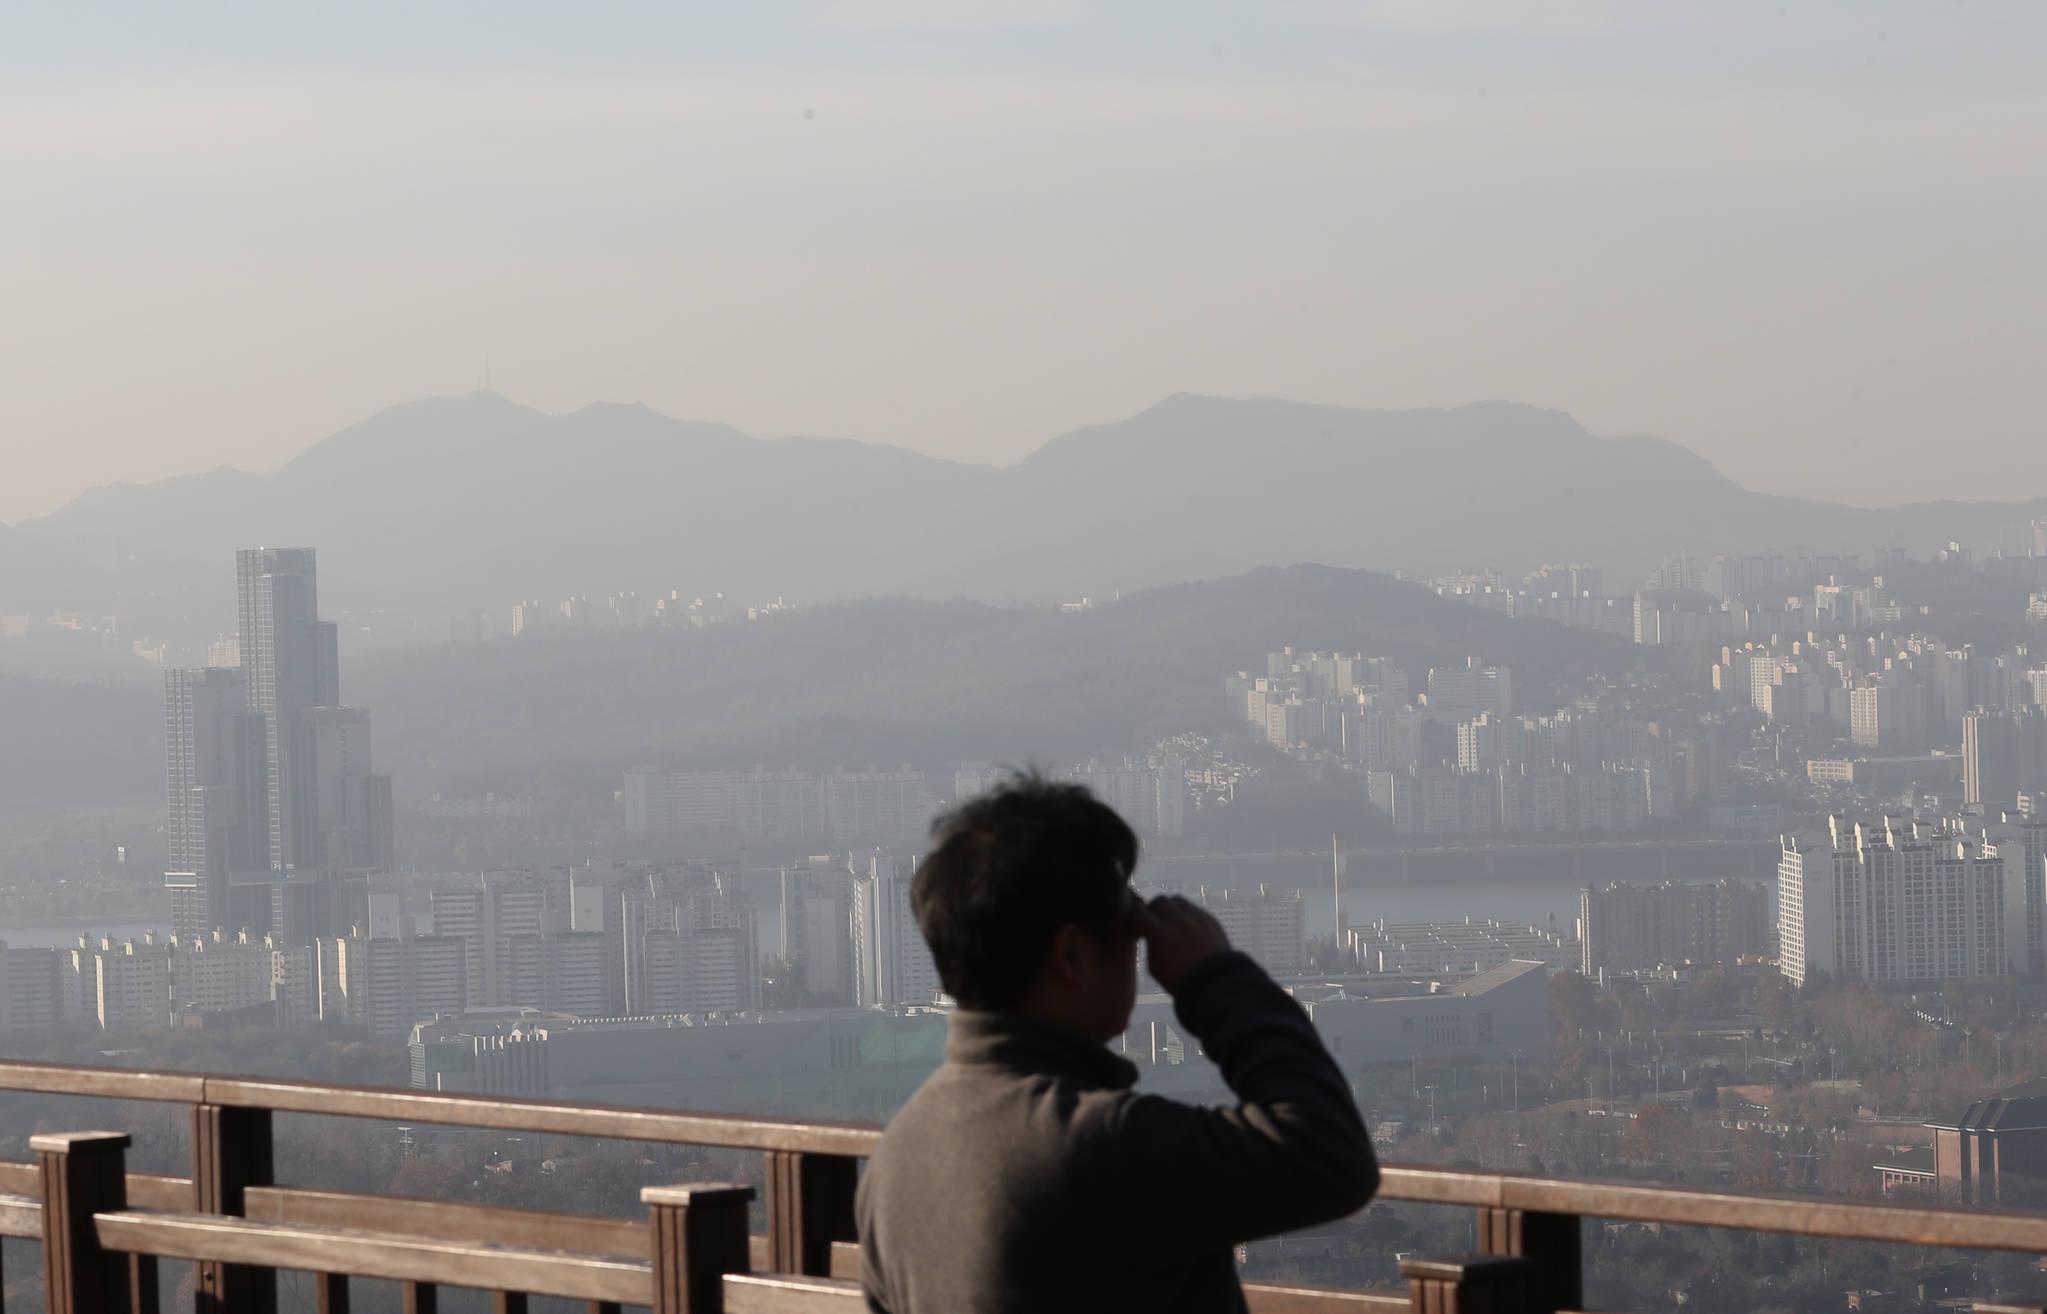 지난달 29일 황사와 미세먼지로 뒤덮인 서울 시내 모습. [사진 연합뉴스]